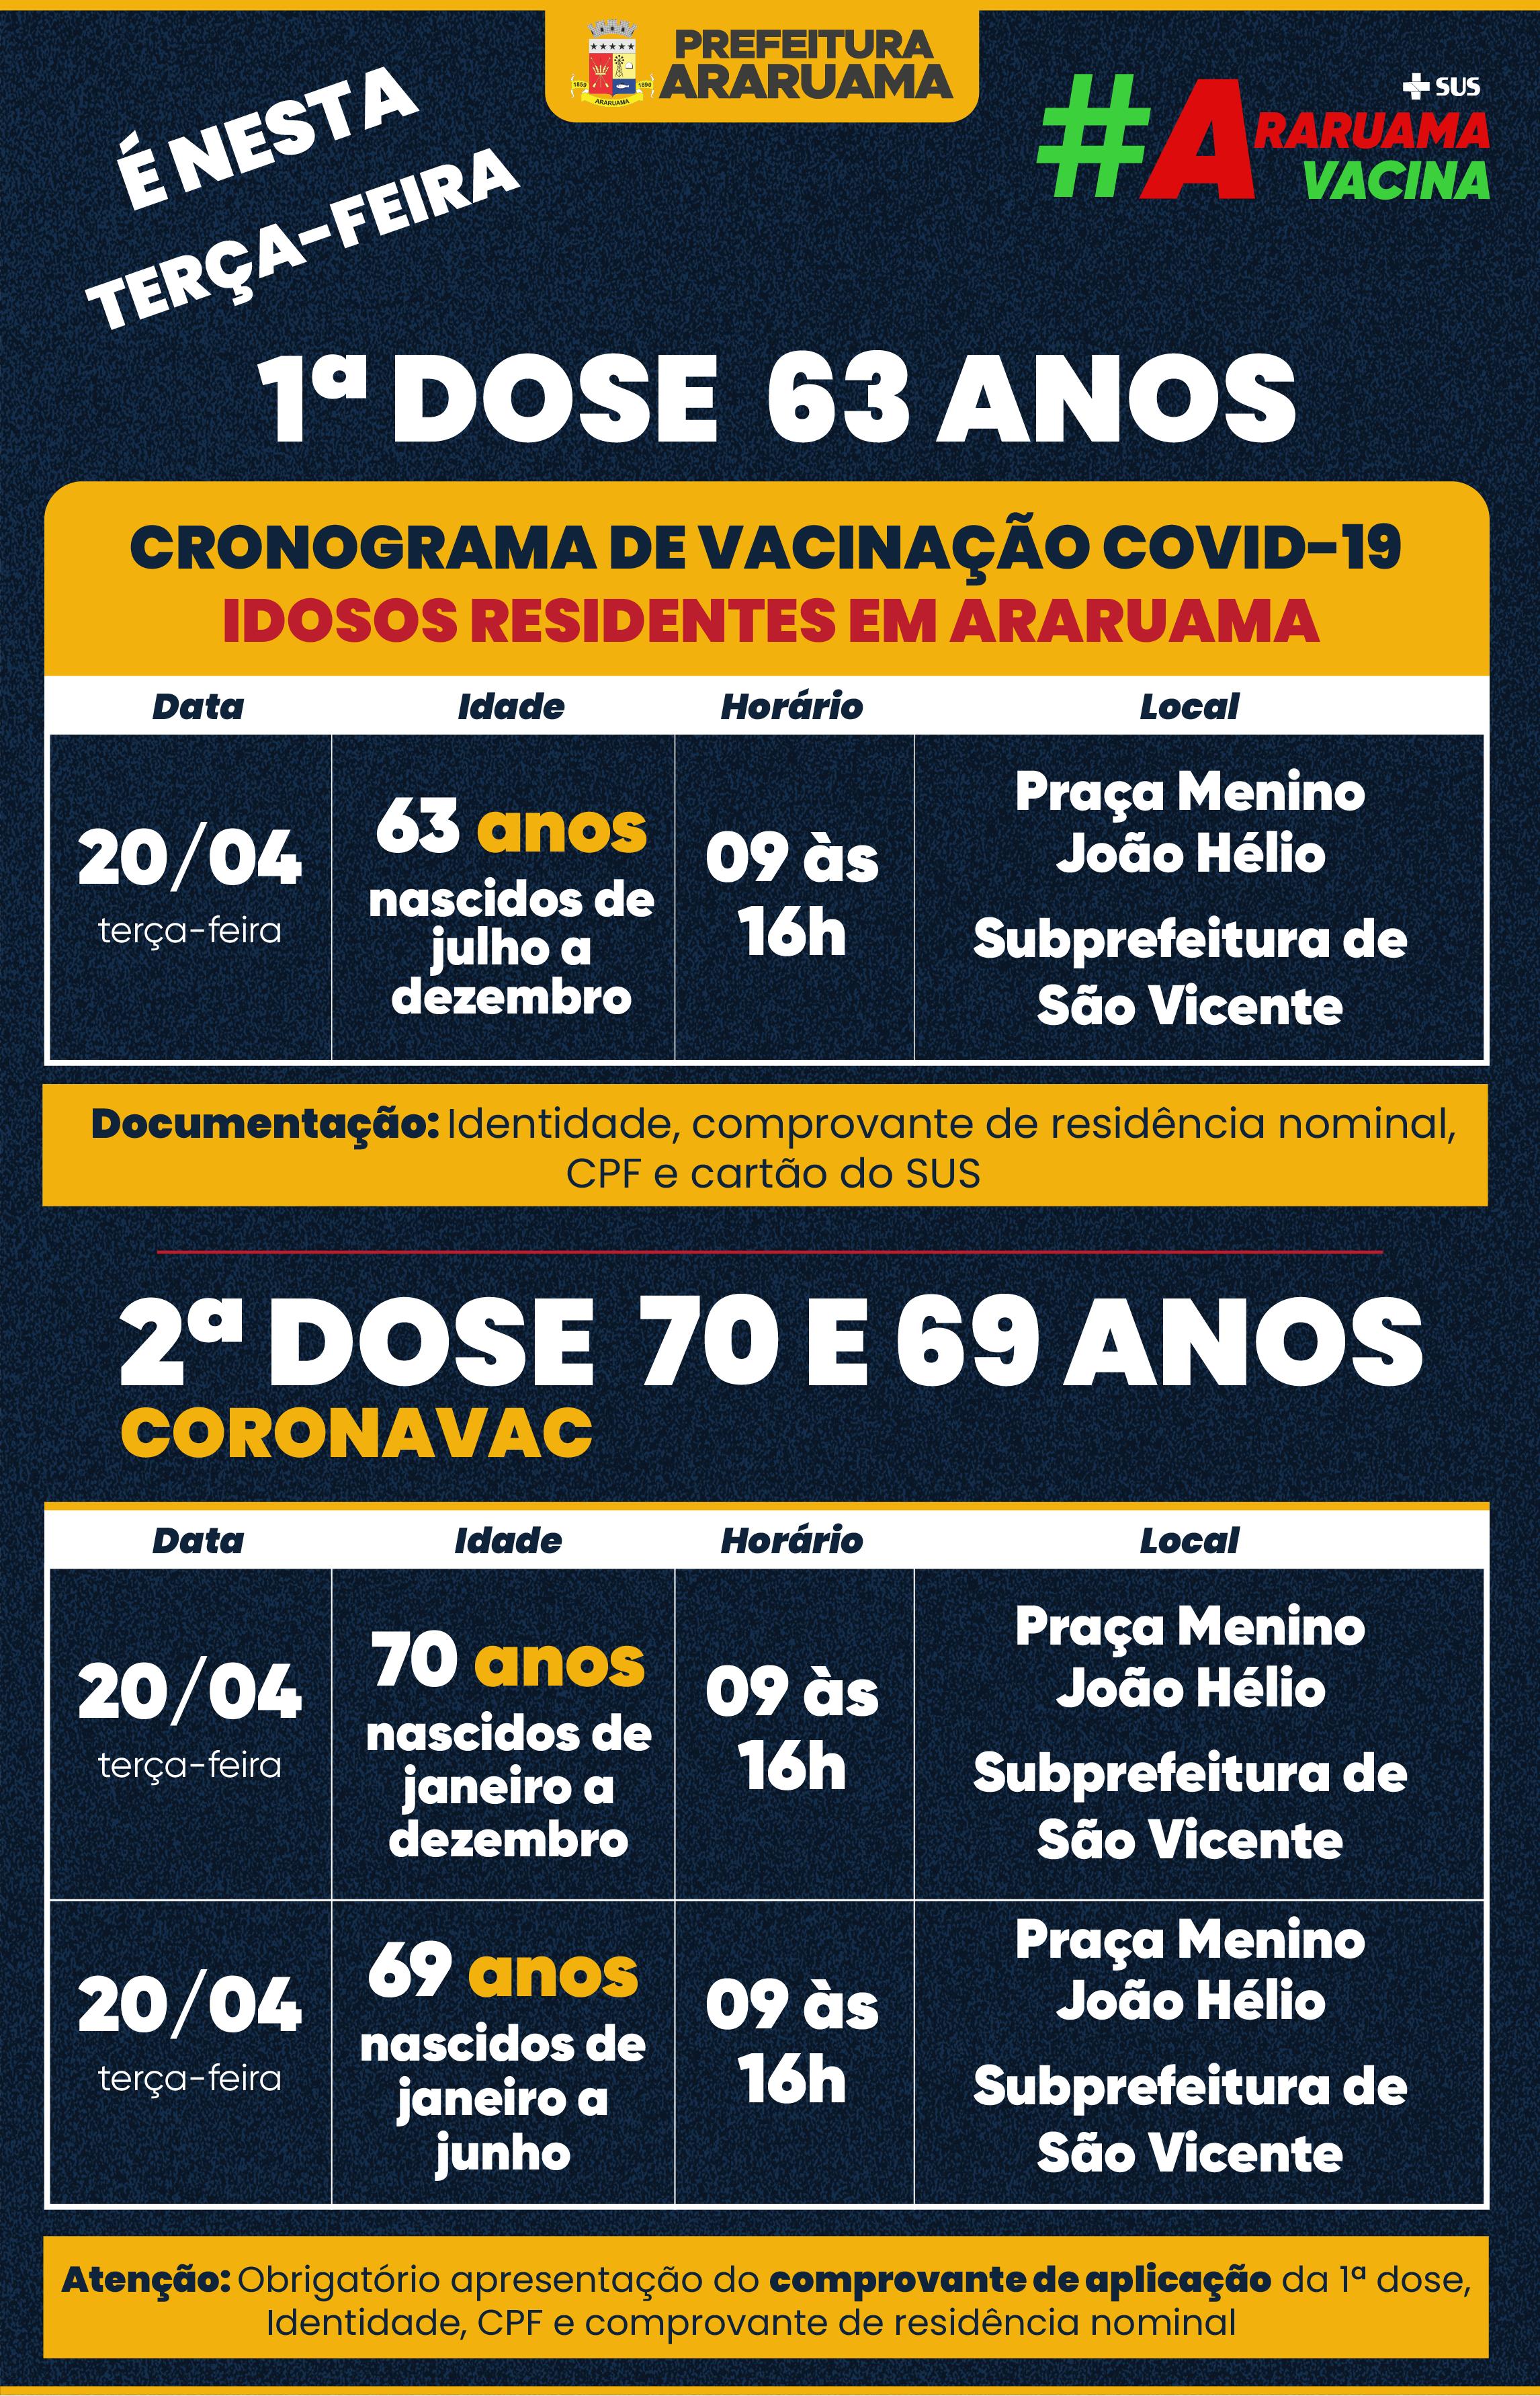 Calendário de vacinação para essa terça-feira, 20